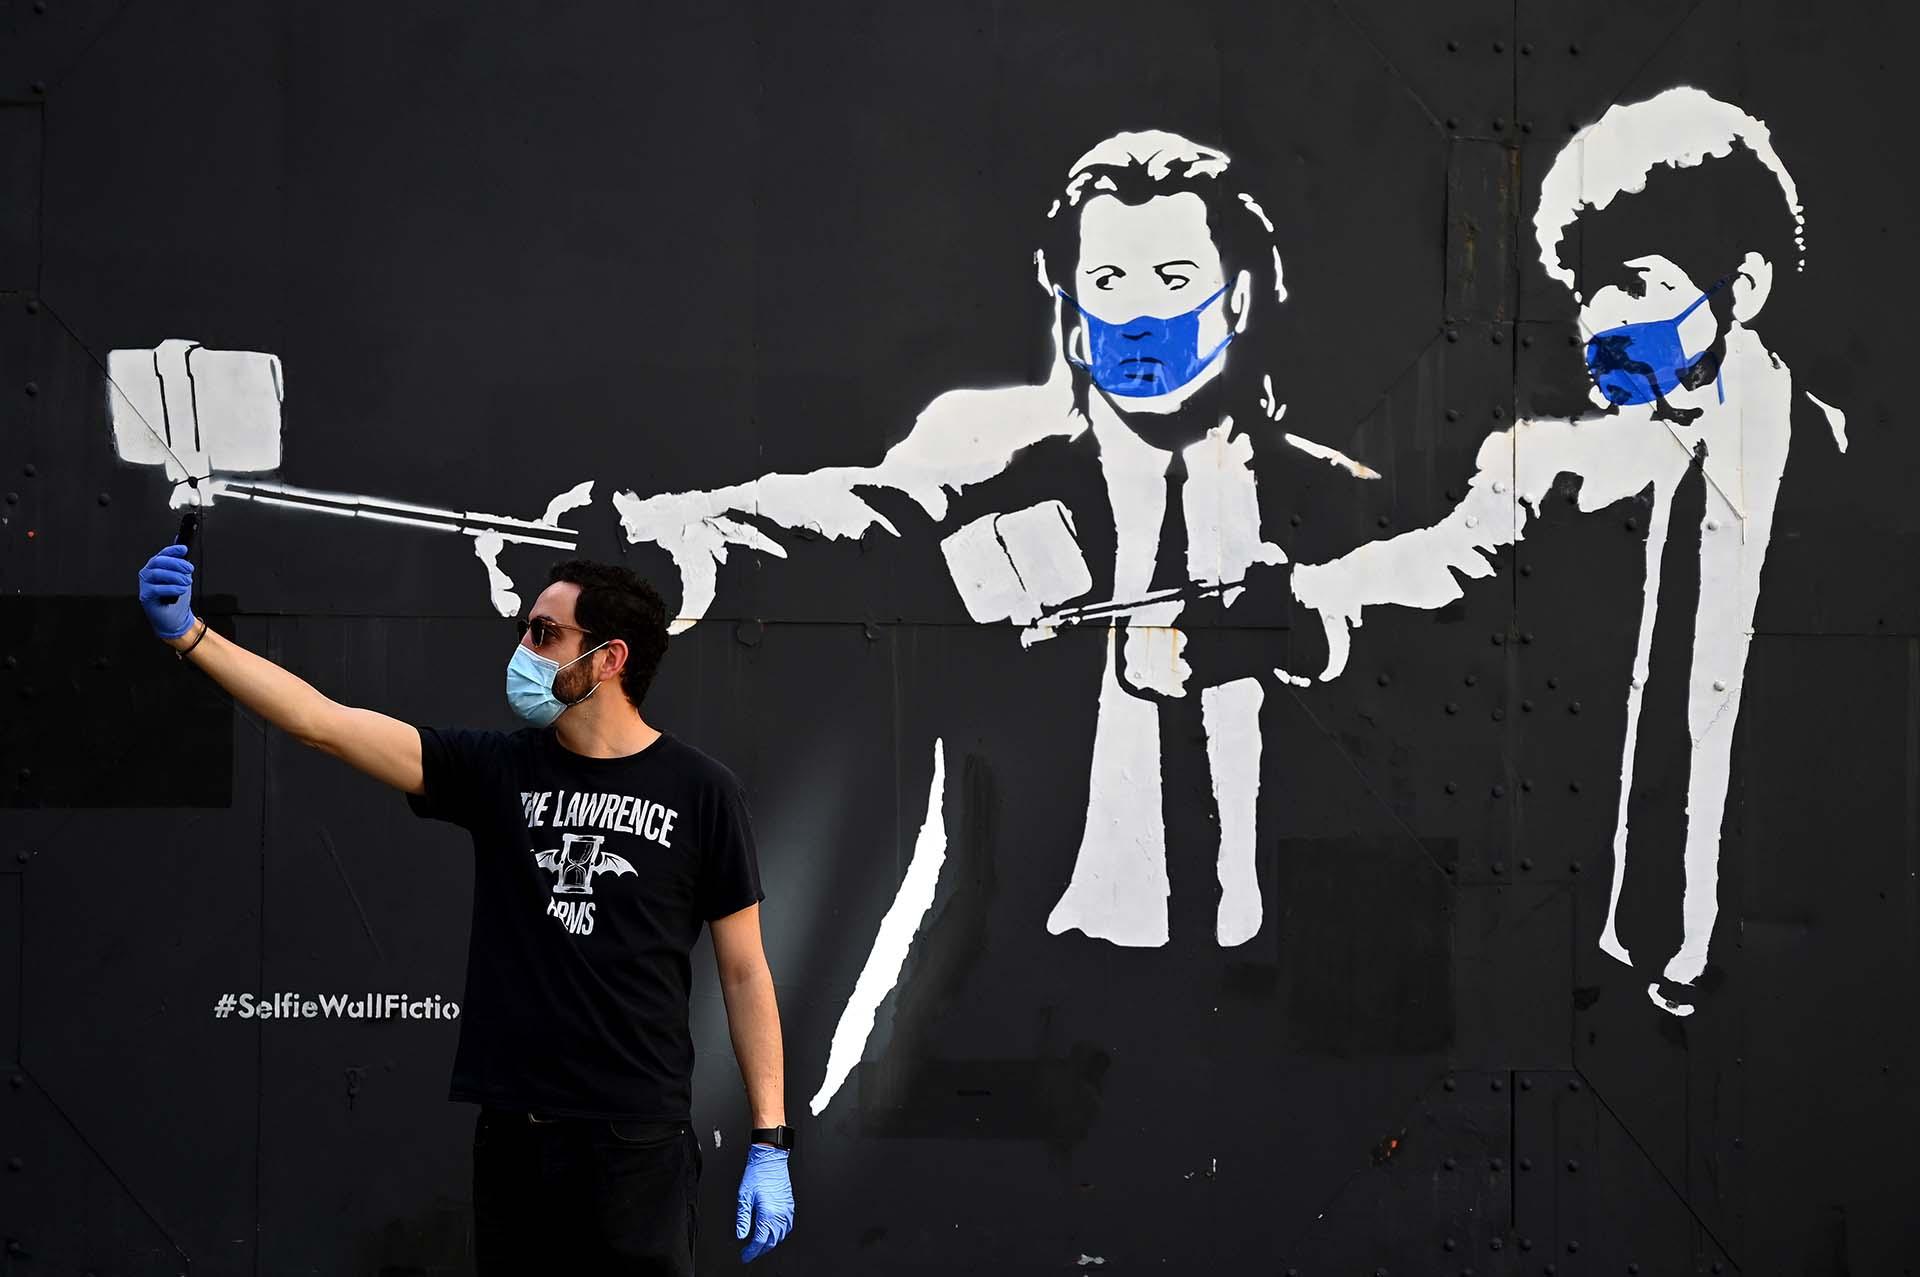 Un hombre se toma una selfie junto a un stencil de los actores Samuel L. Jackson y John Travolta en la películas